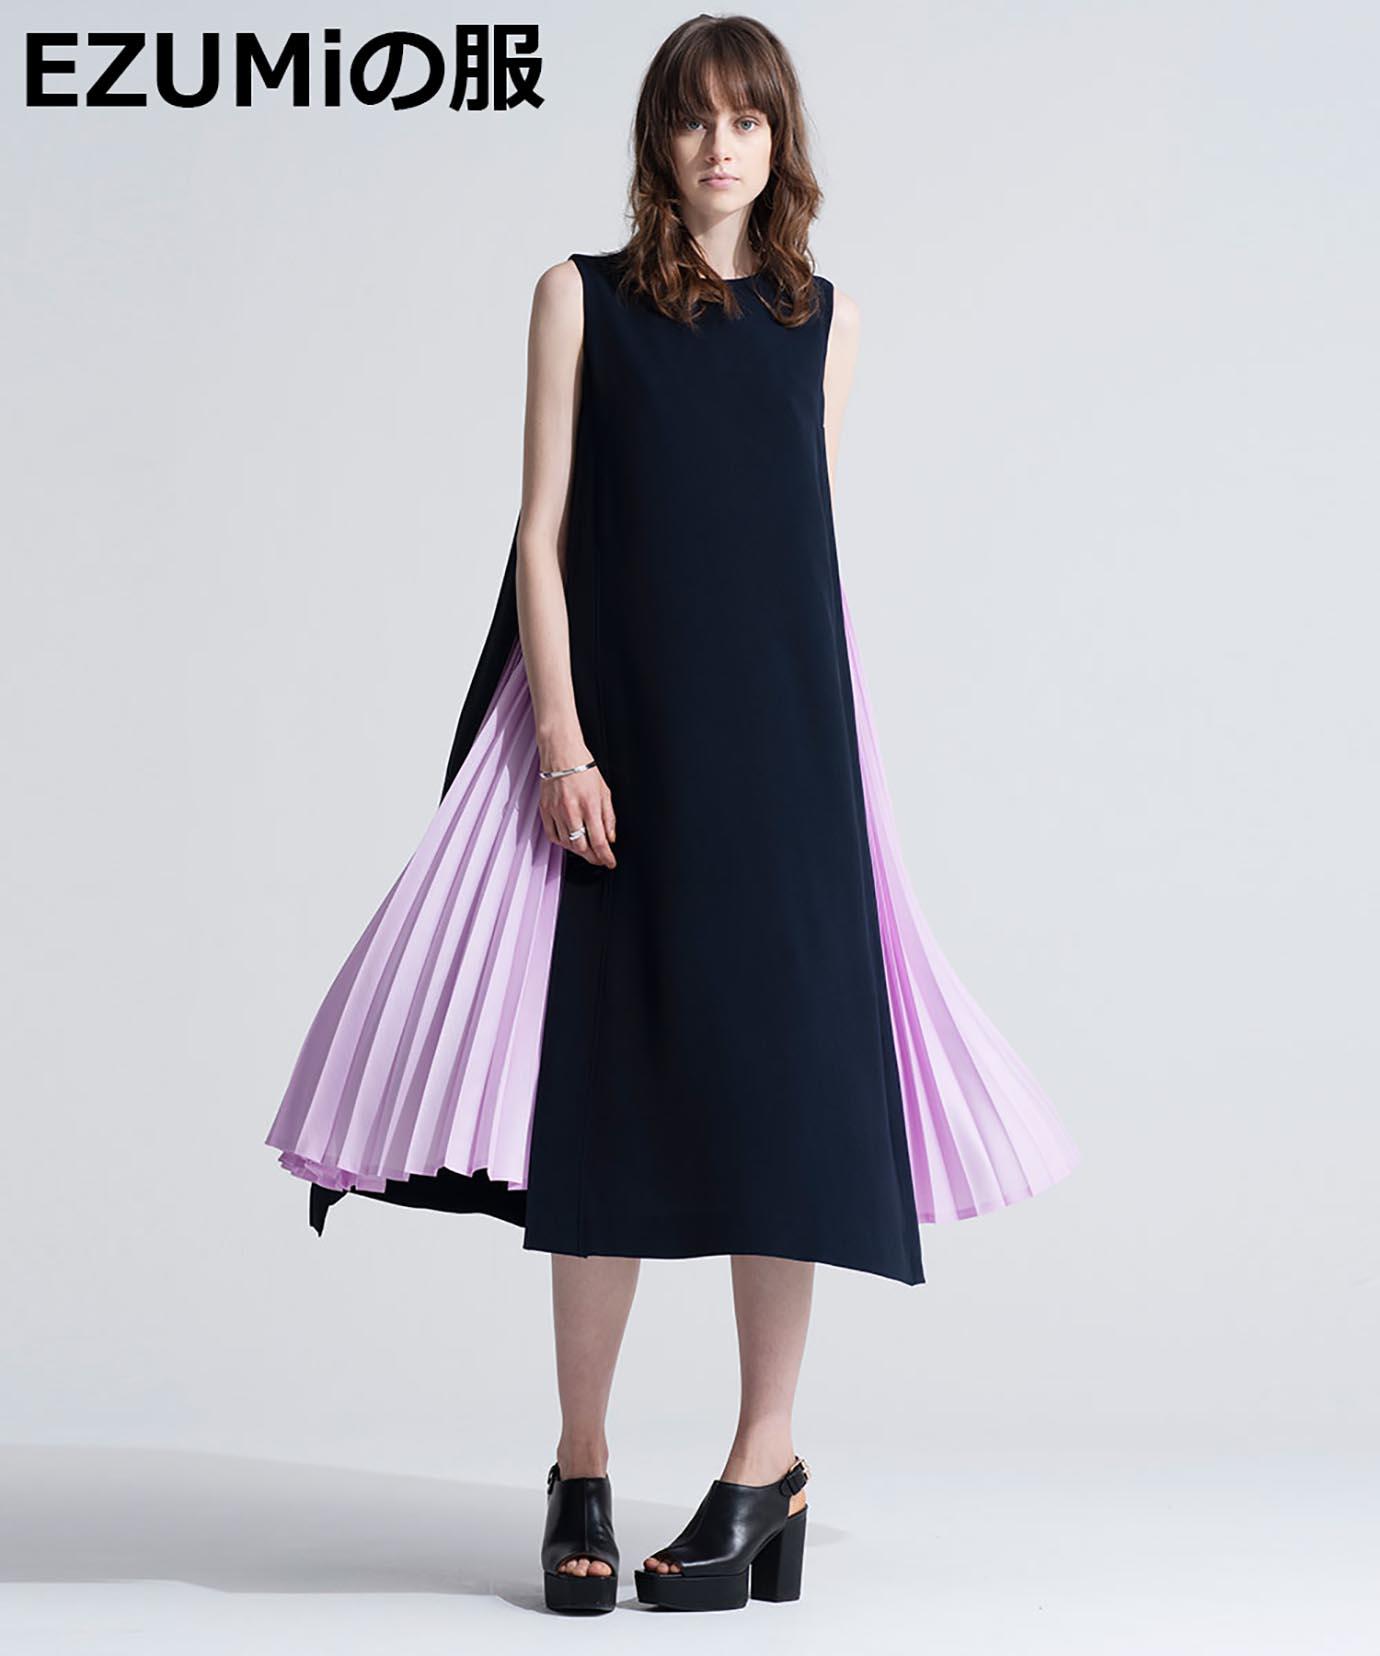 広瀬 すず 服 デザイン